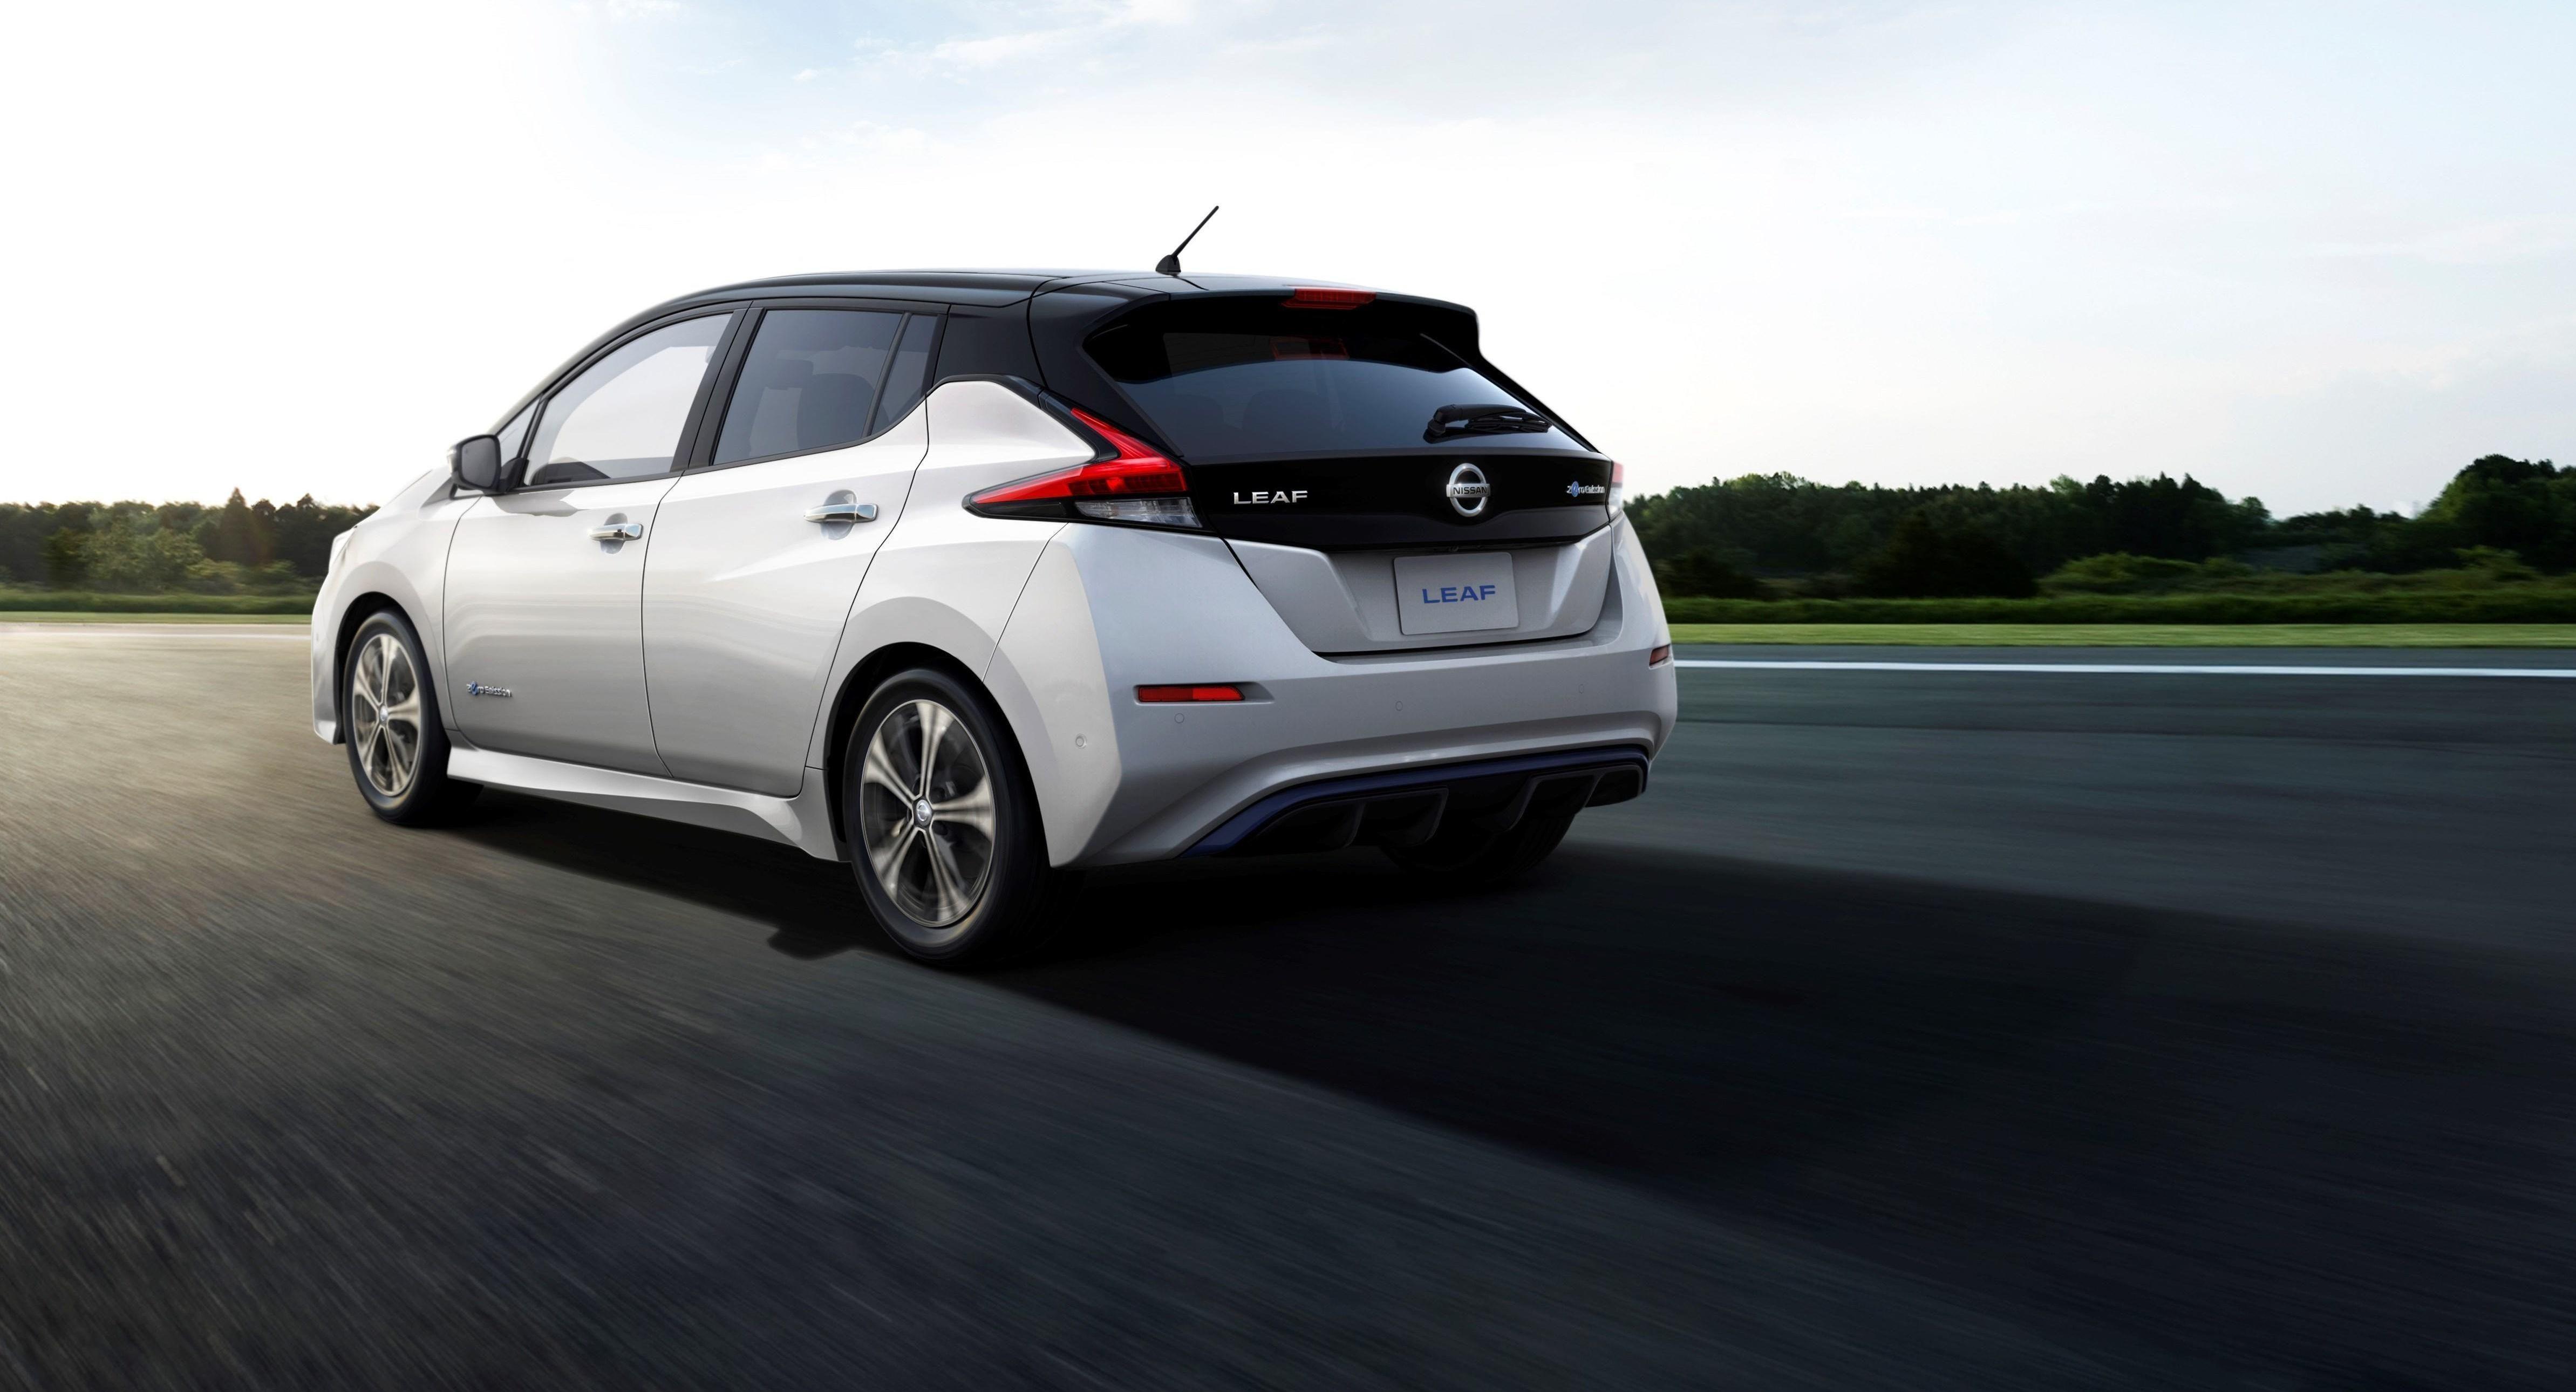 FÅR SNART NY BATTERITEKNOLOGI: Når nye Nissan Leaf kommer rett over nyttår, vil det bli med 40 kWh-batteri. Men en ny batteritype som snart settes i produksjon er det som skal til for at 60 kWh-utgaven skal kunne lanseres senere på året.